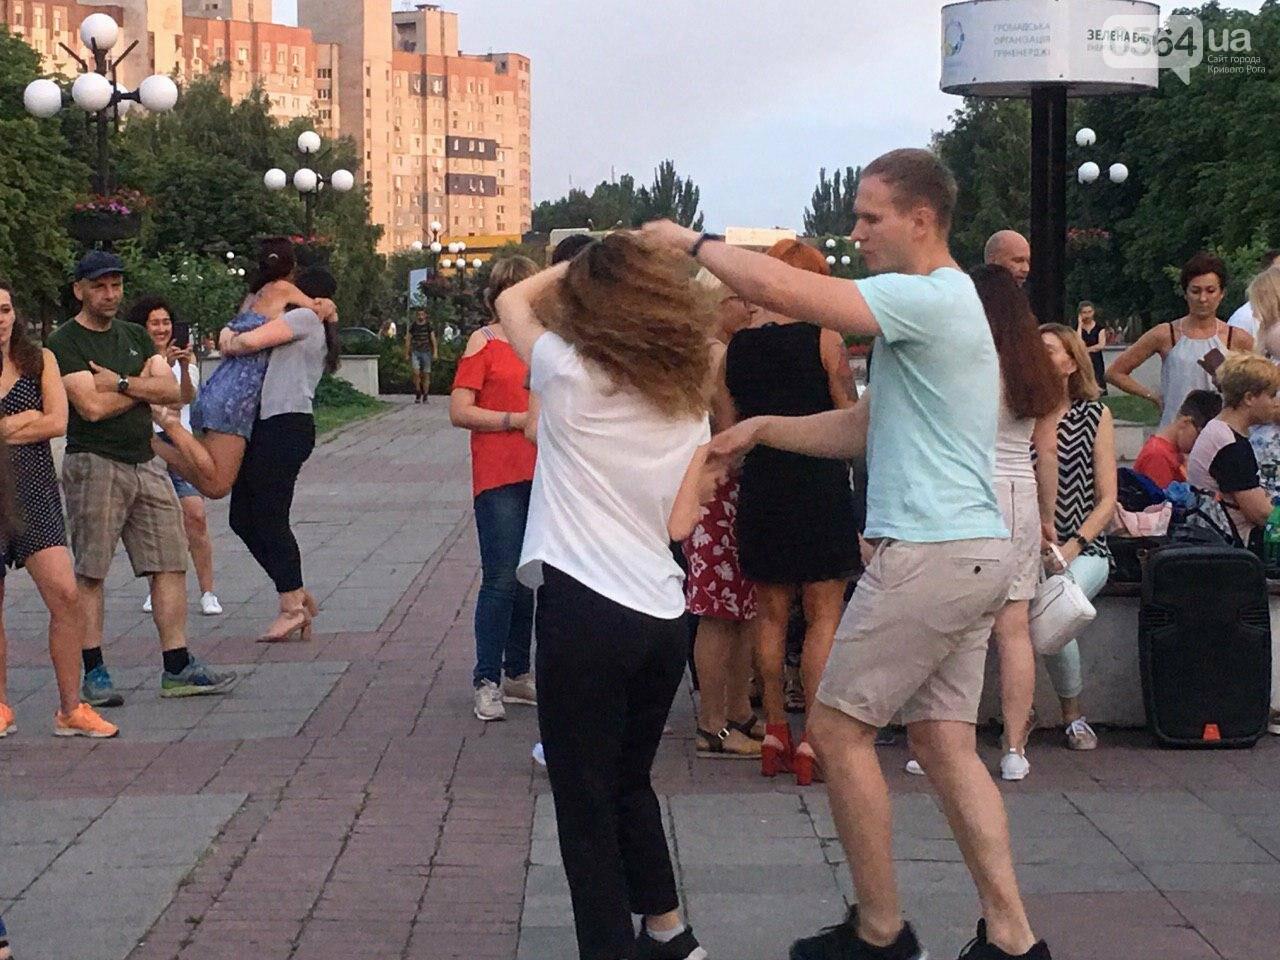 Сальса, бачата, кизомба: в центре города танцоры провели мастер-класс для криворожан, - ФОТО, ВИДЕО , фото-5